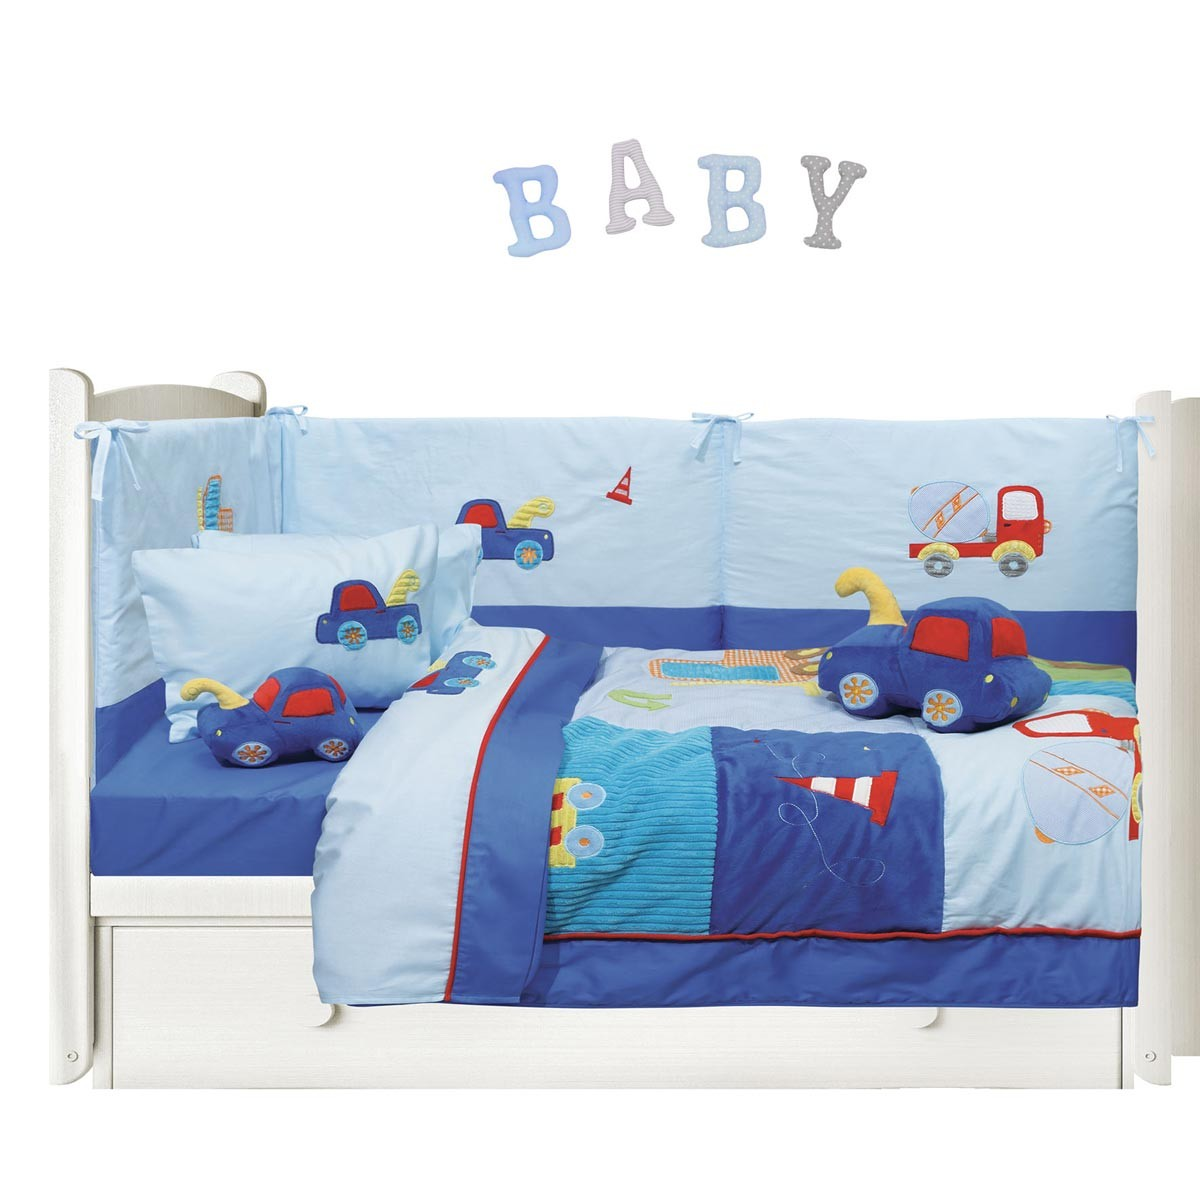 Κουβερλί Κούνιας (Σετ) Das Home Dream Embroidery 6393 66772